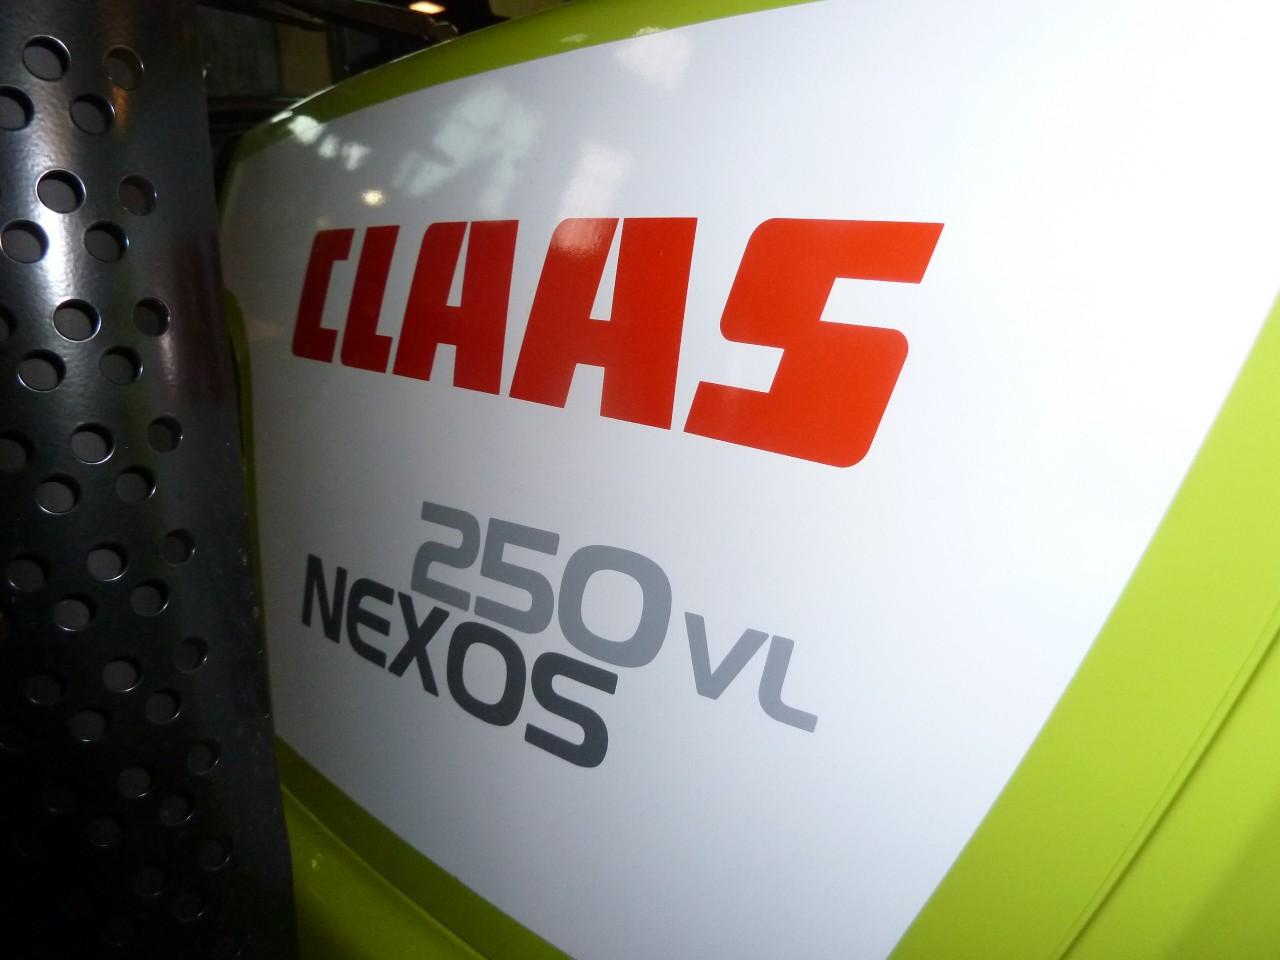 Impianto di frenatura pneumatico MA BE FH1/M per nuove normative Europee 167/2013 (Mother Regulation)